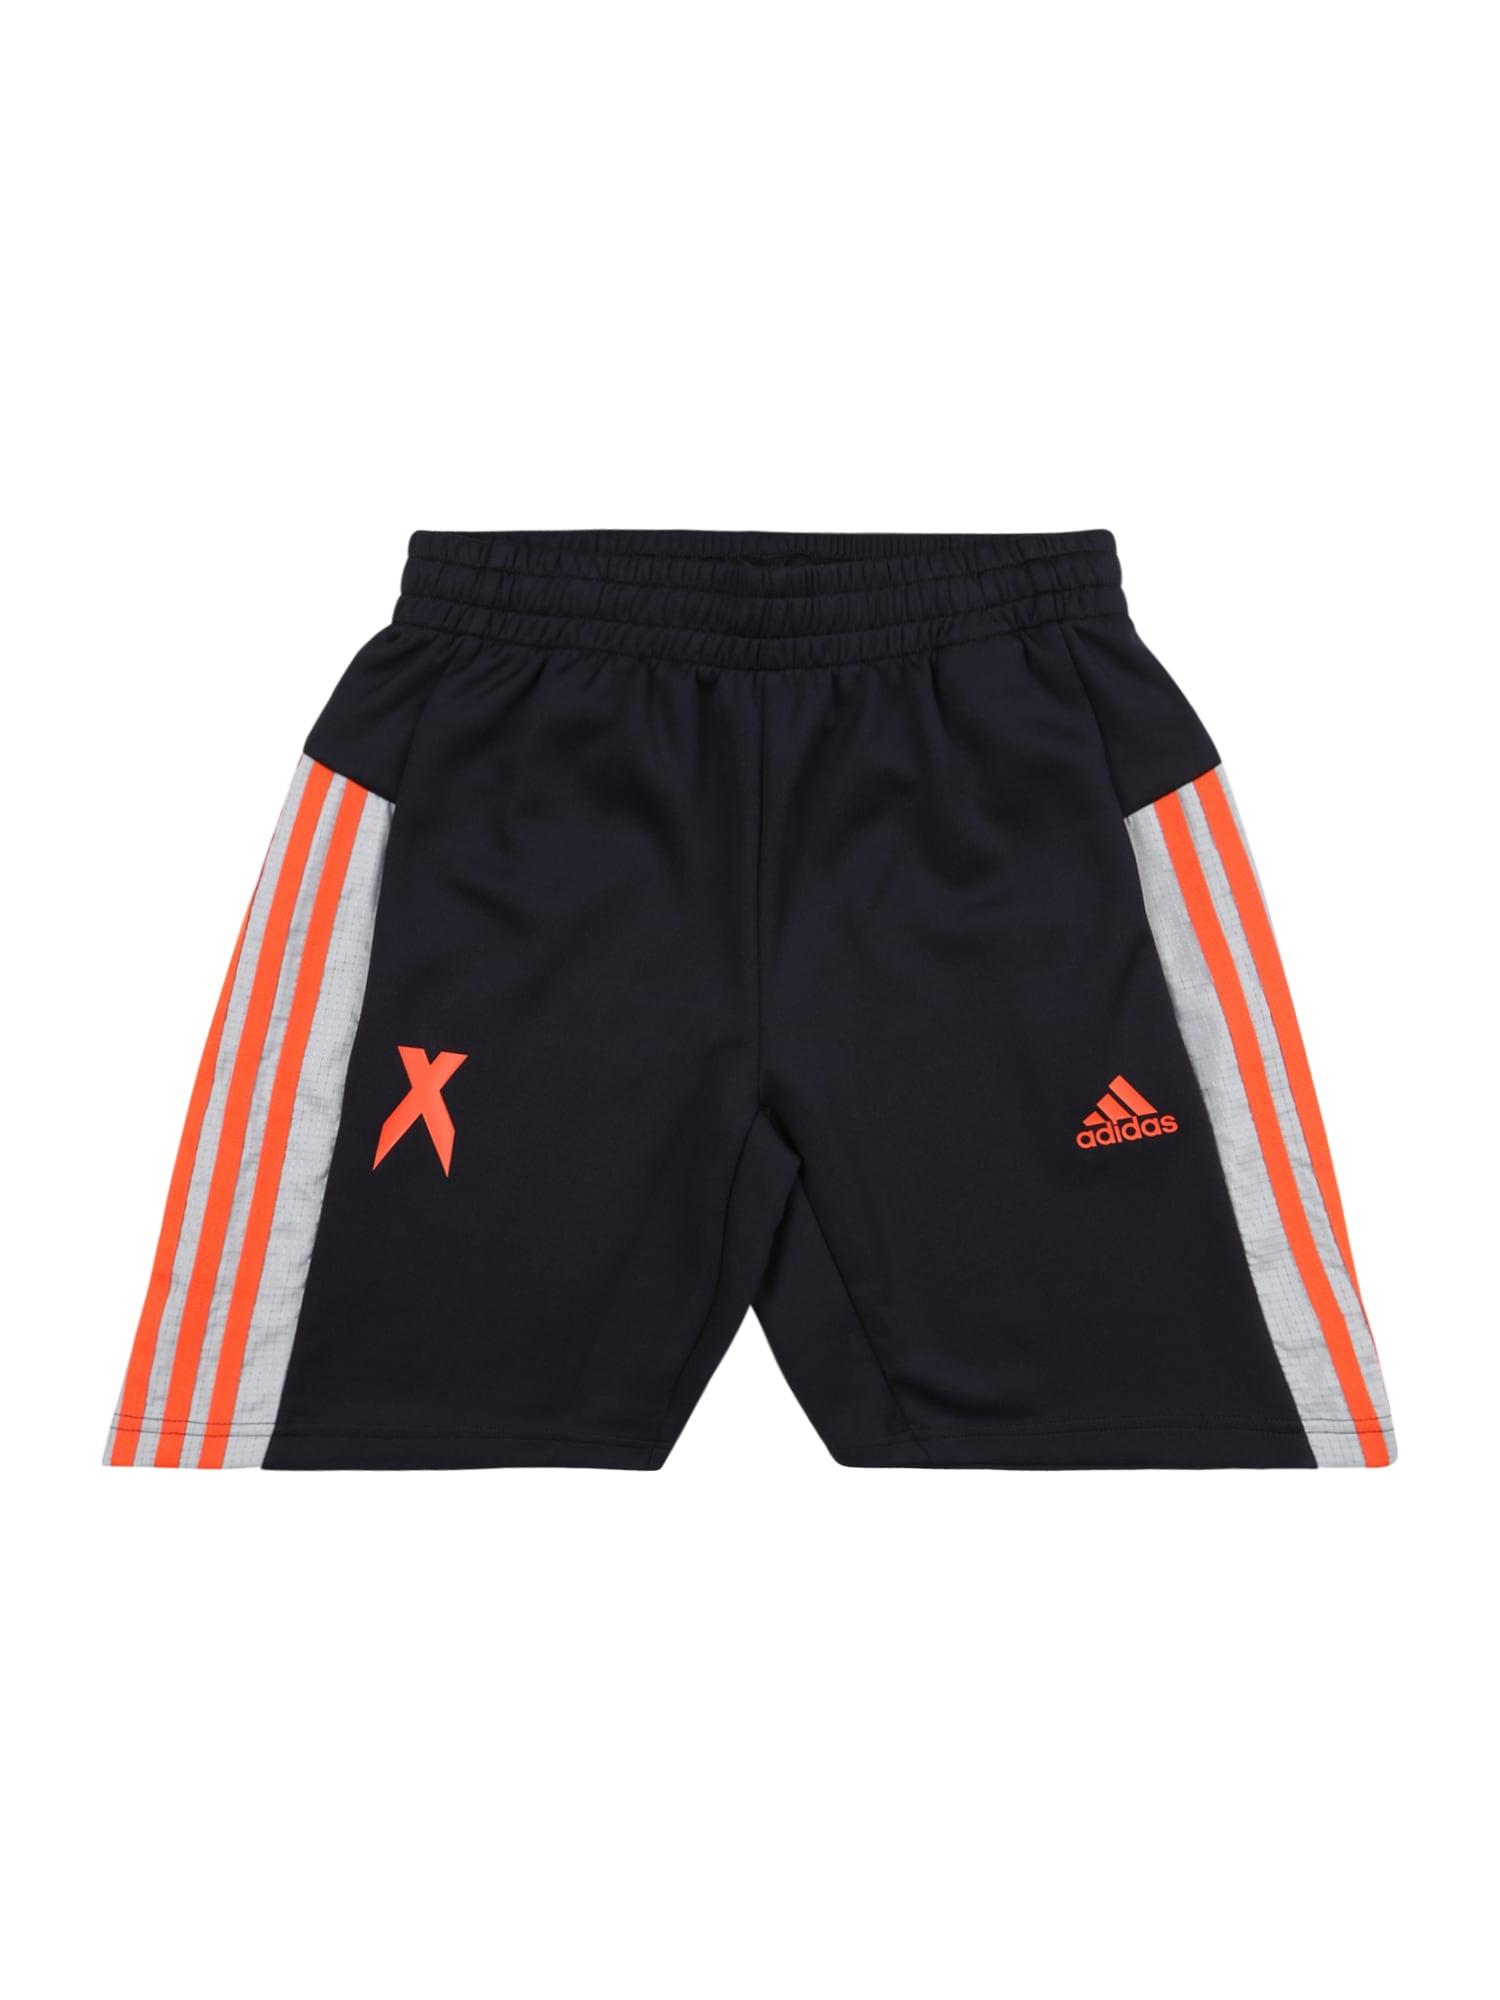 ADIDAS PERFORMANCE Sportinės kelnės oranžinė / balkšva / mėlyna